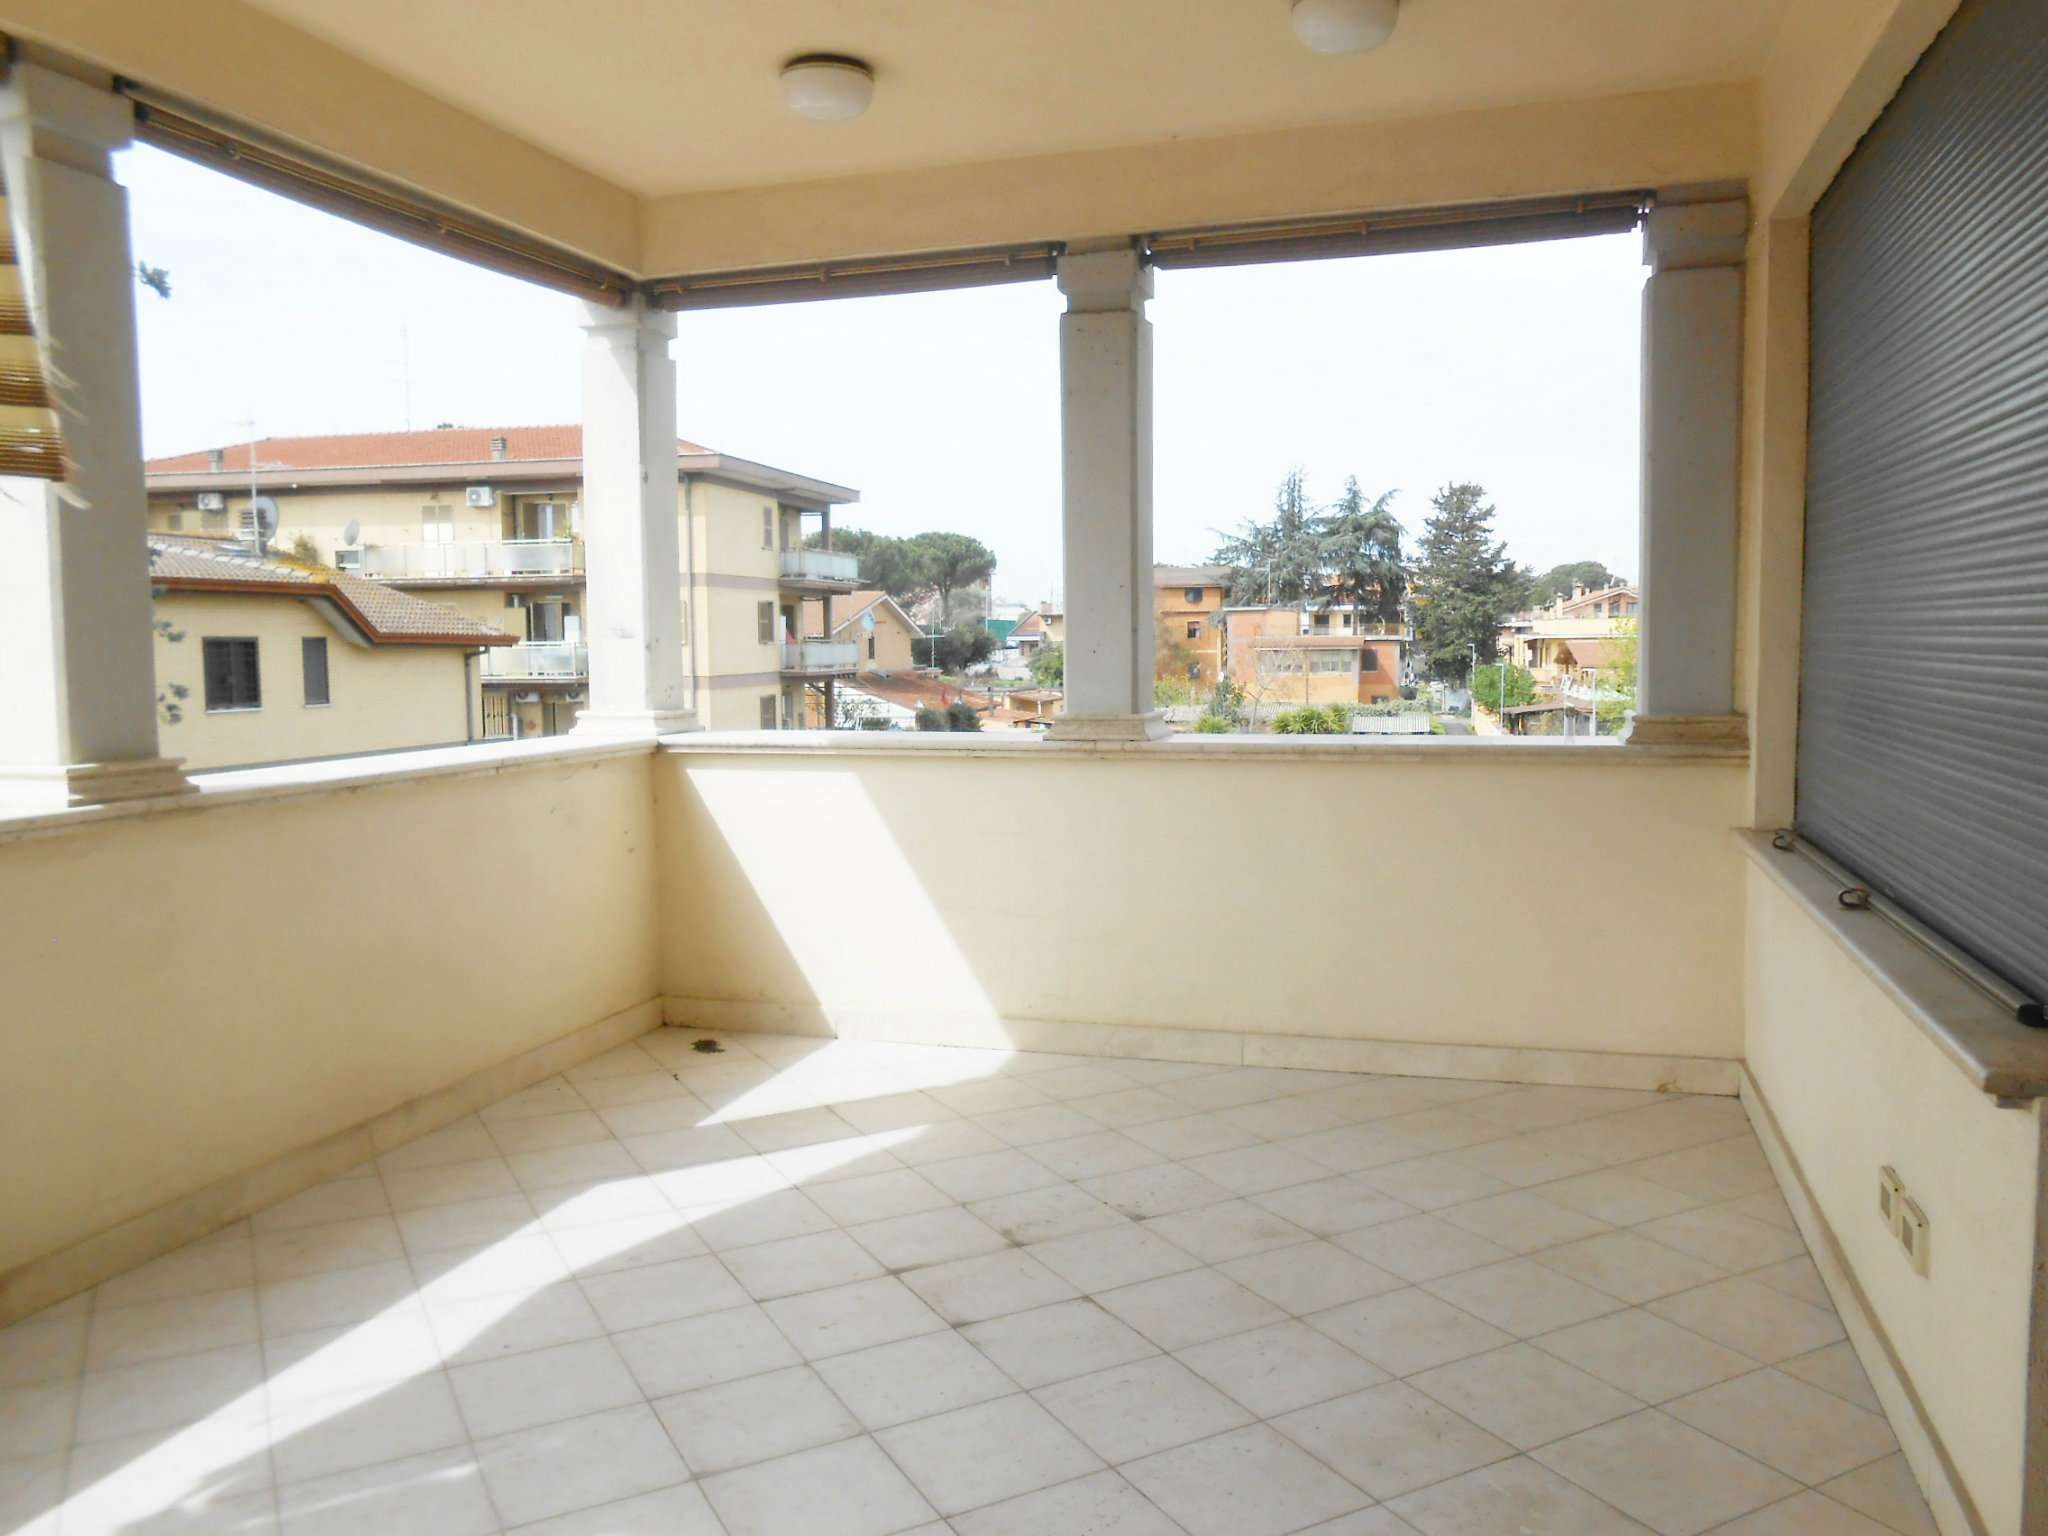 Appartamento in vendita a Roma, 2 locali, zona Zona: 36 . Finocchio, Torre Gaia, Tor Vergata, Borghesiana, prezzo € 139.000 | CambioCasa.it